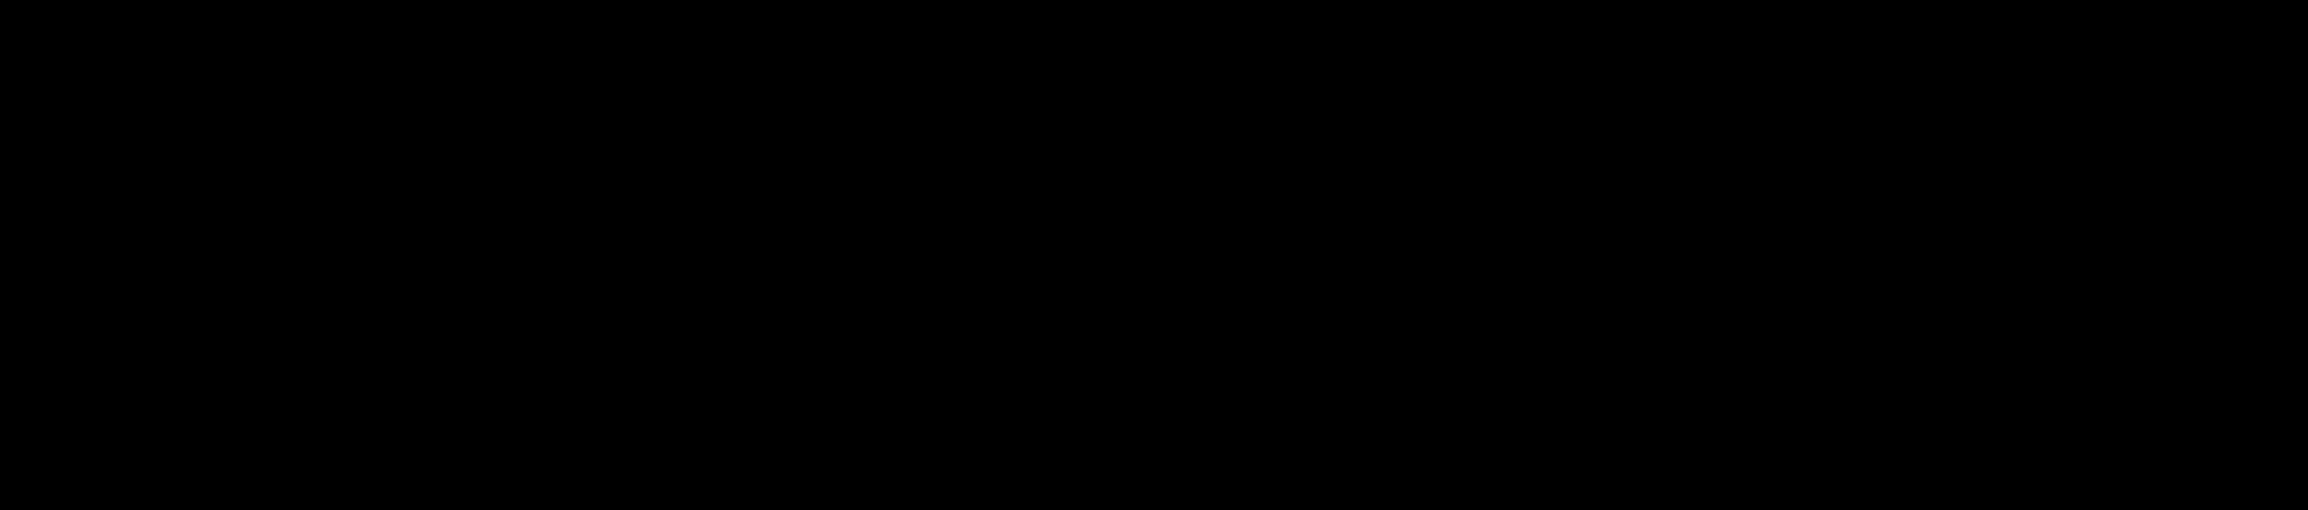 TAGAYA